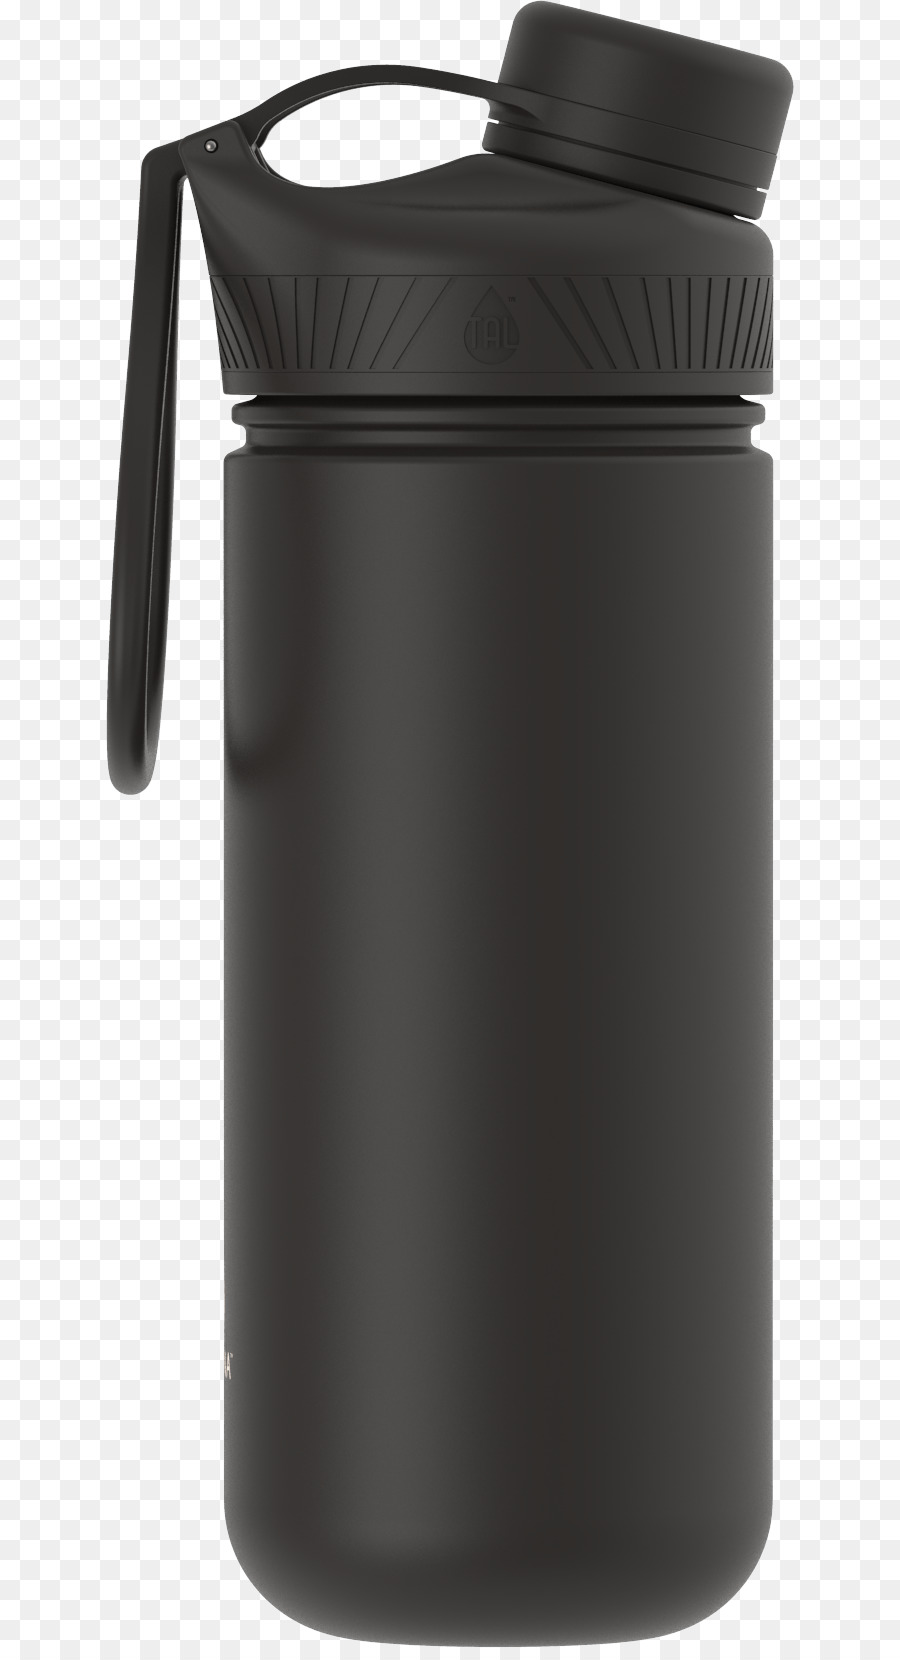 Plastic Bottle png download - 688*1648 - Free Transparent